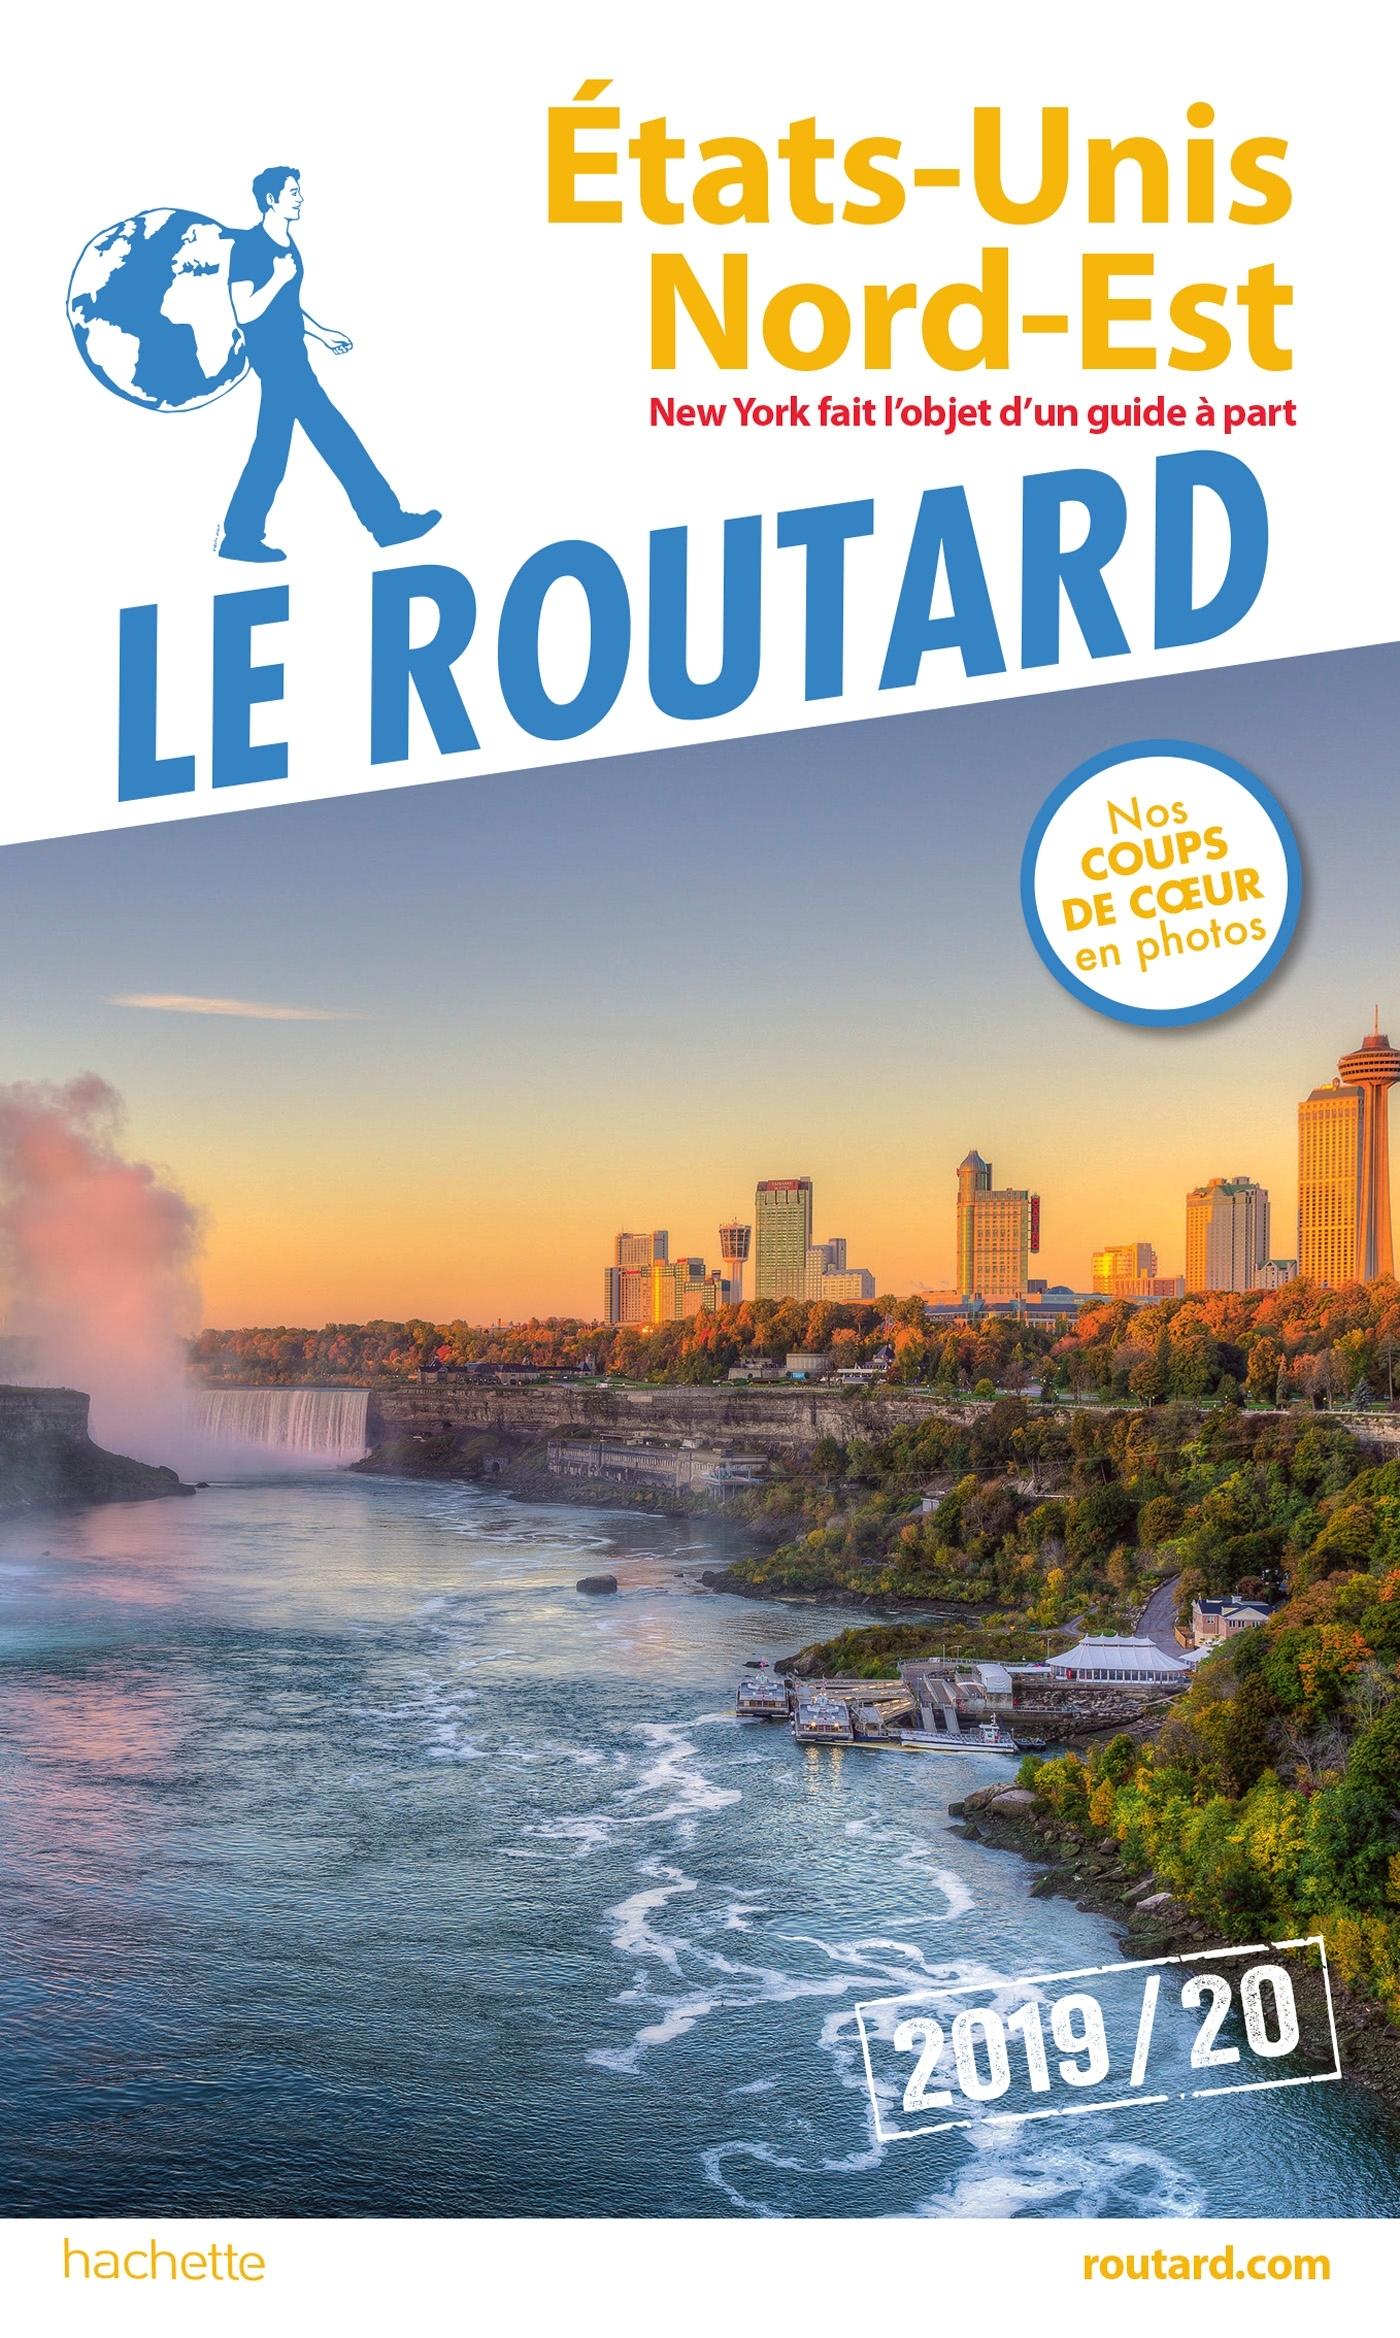 GUIDE DU ROUTARD ETATS-UNIS NORD-EST (SANS NEW YORK) 2019/20